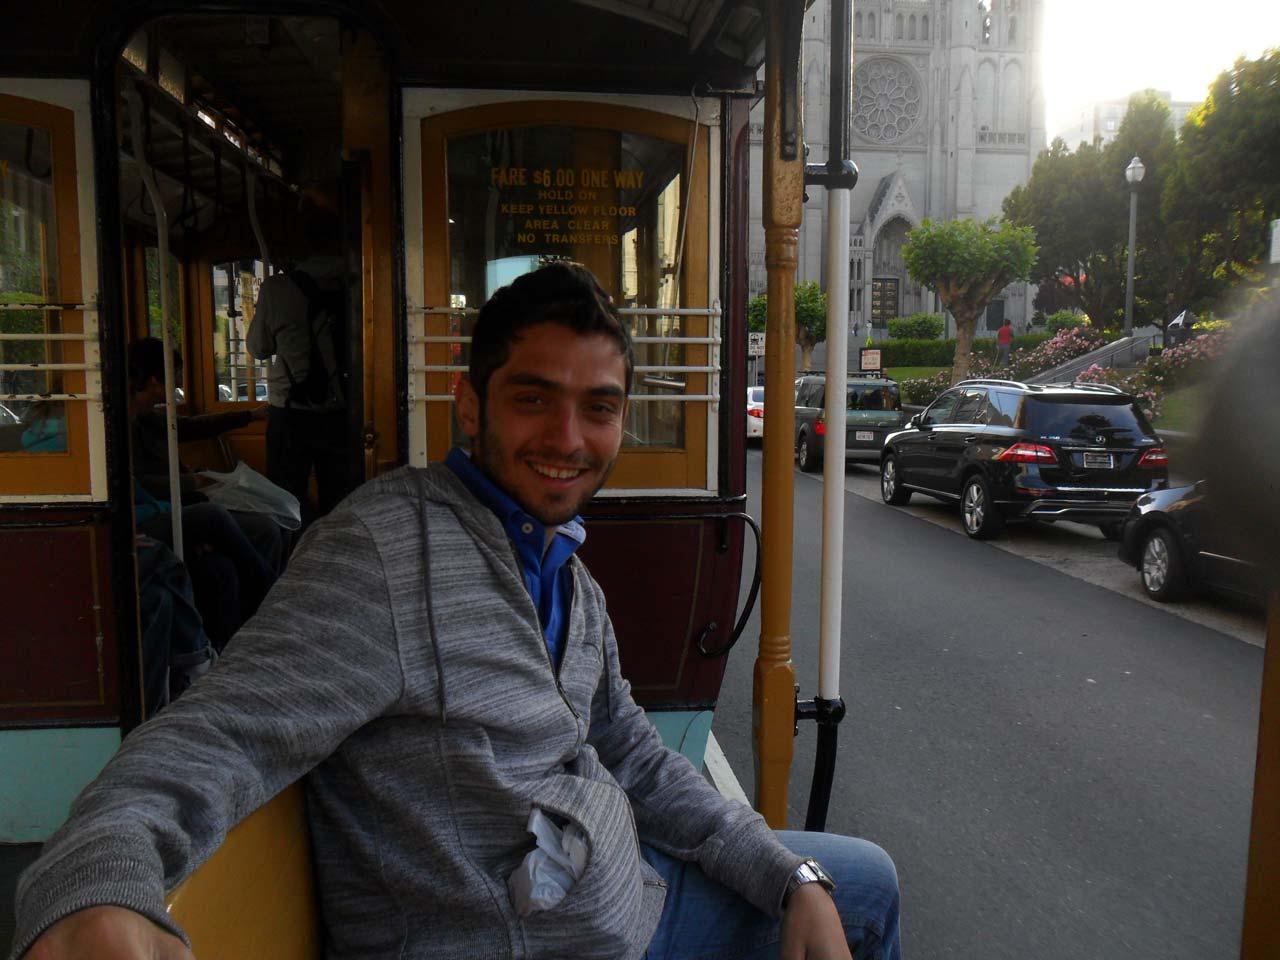 San Francisco'ya gelip de Cable Car'a binmemek olmaz…